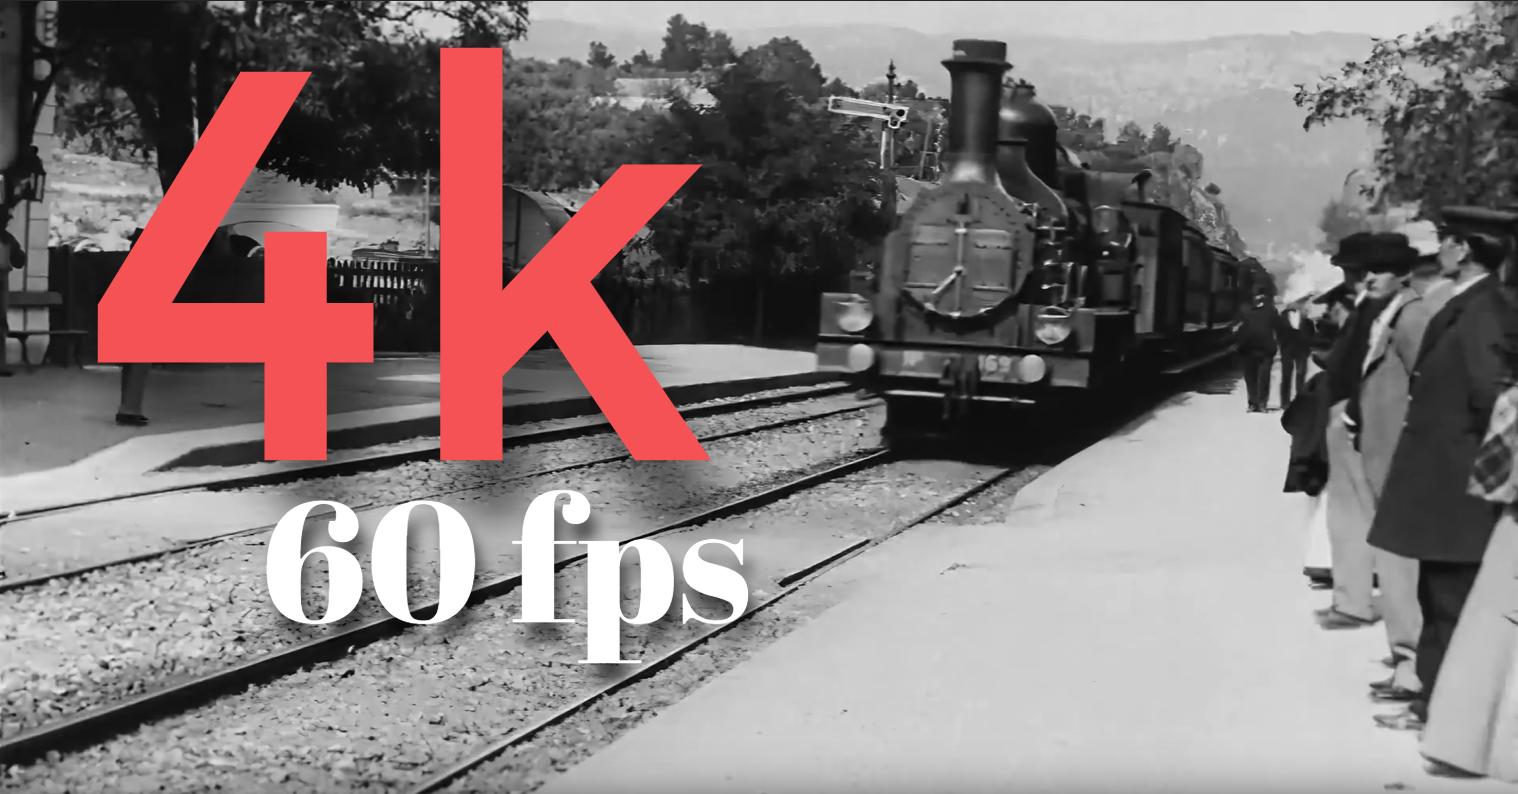 """4K - ში გაცოცხლებული ისტორია 1890 : პარიზი, ნიუ ორკი, მოსკოვი  და ლუმიერების ცნობილი """"მატარებელი"""""""